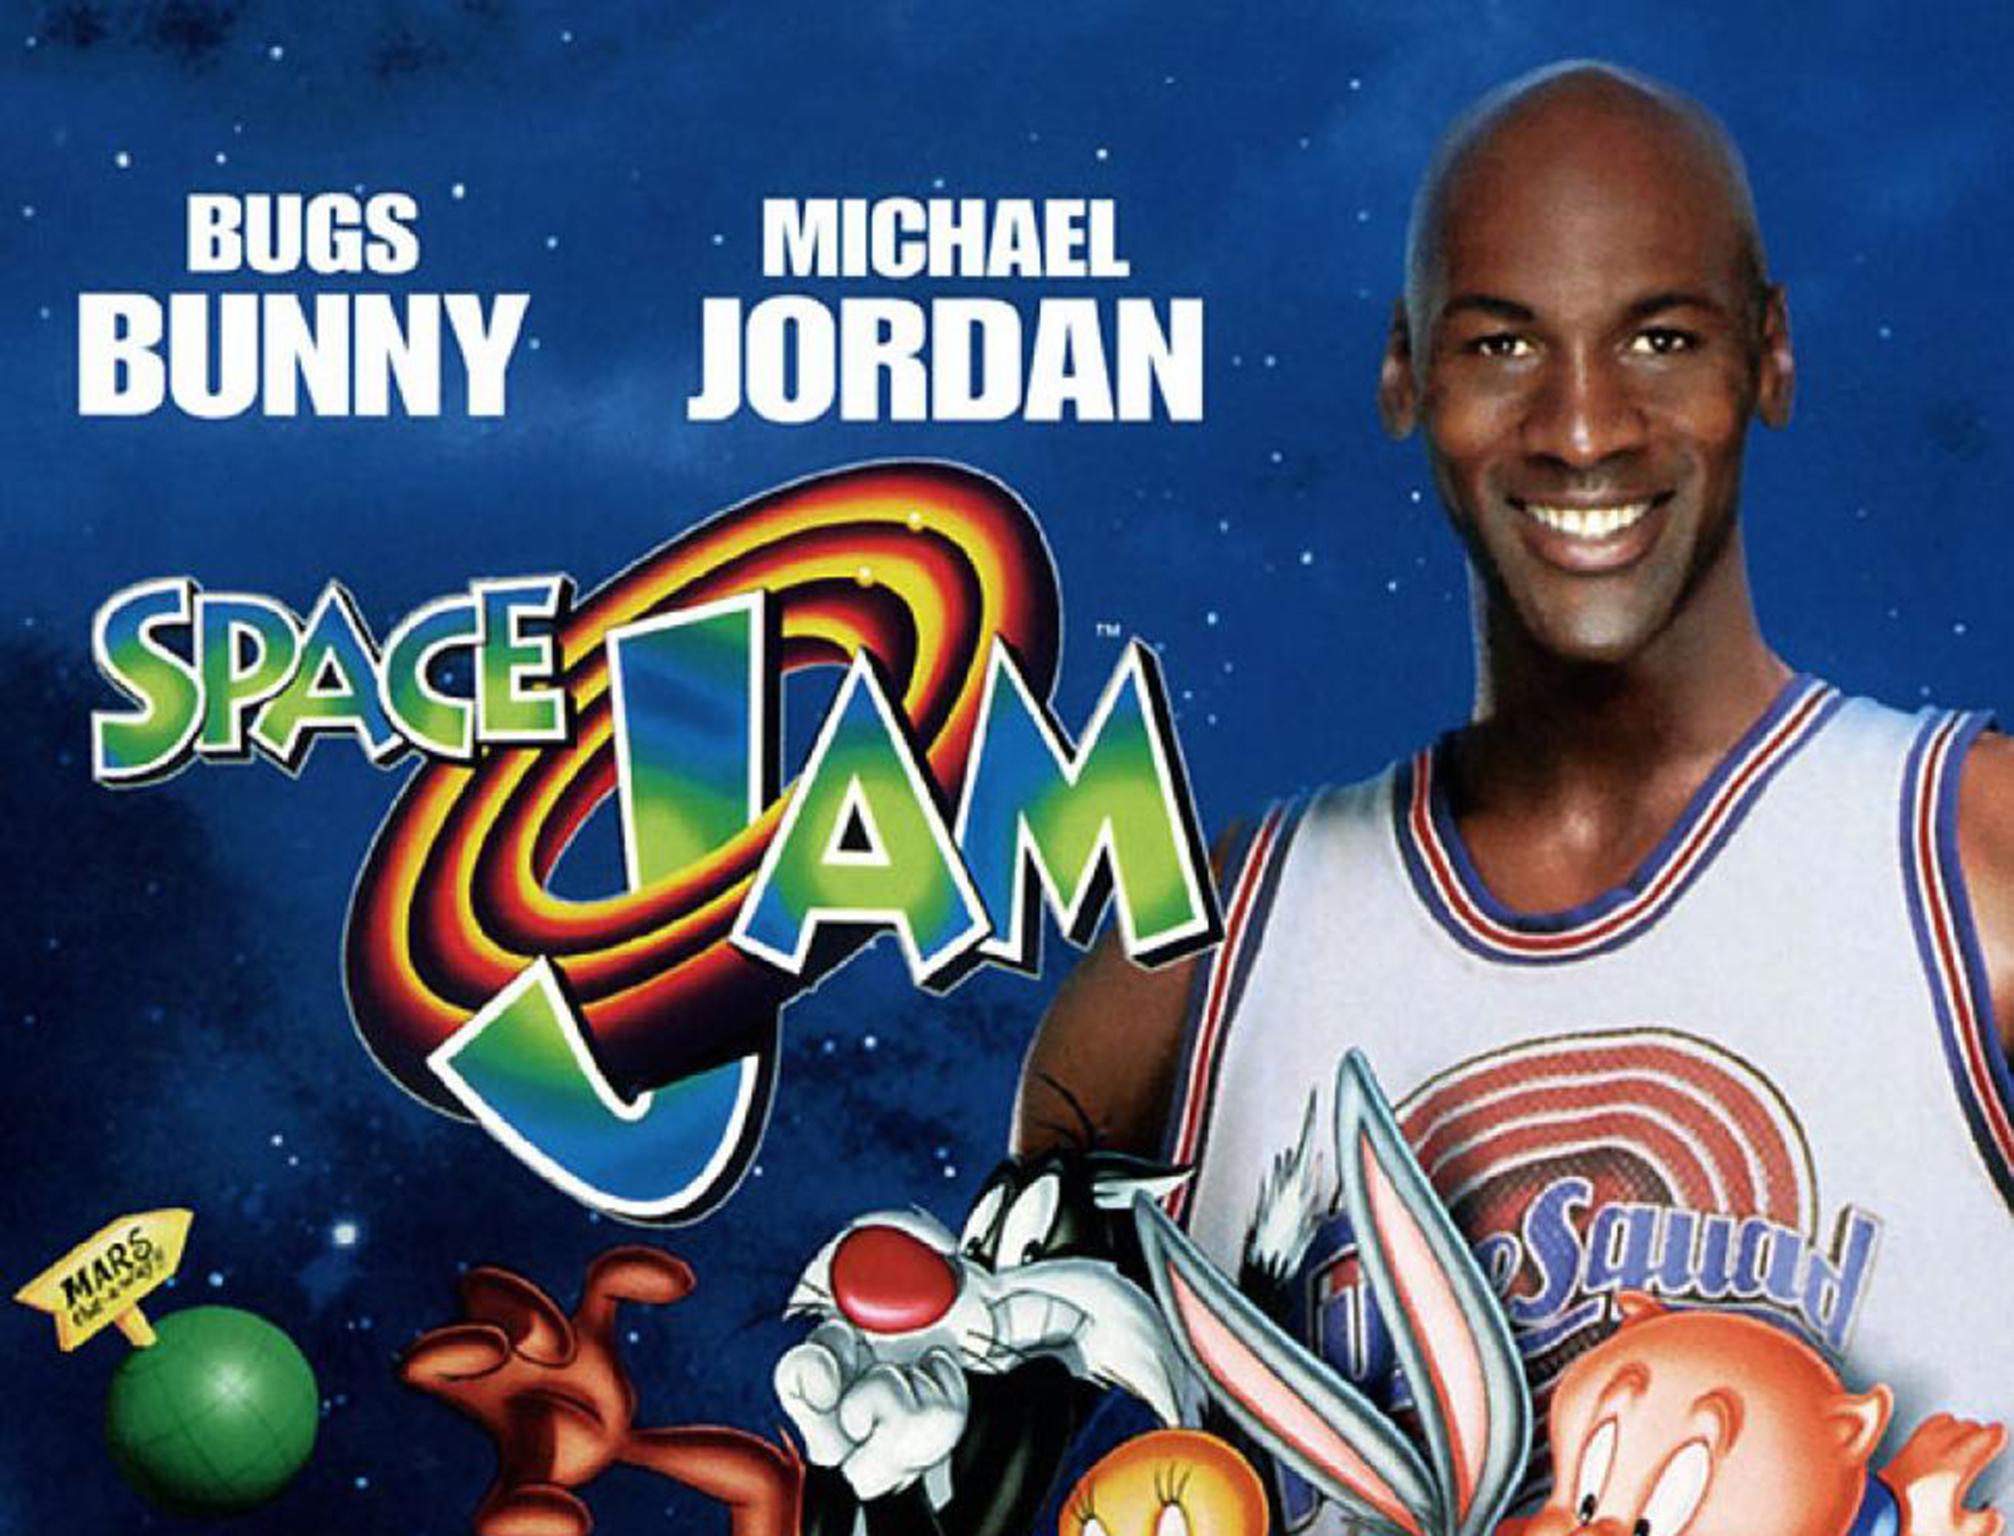 Michael Jordan veut que Blake Griffin lui succède dans Space Jam 2